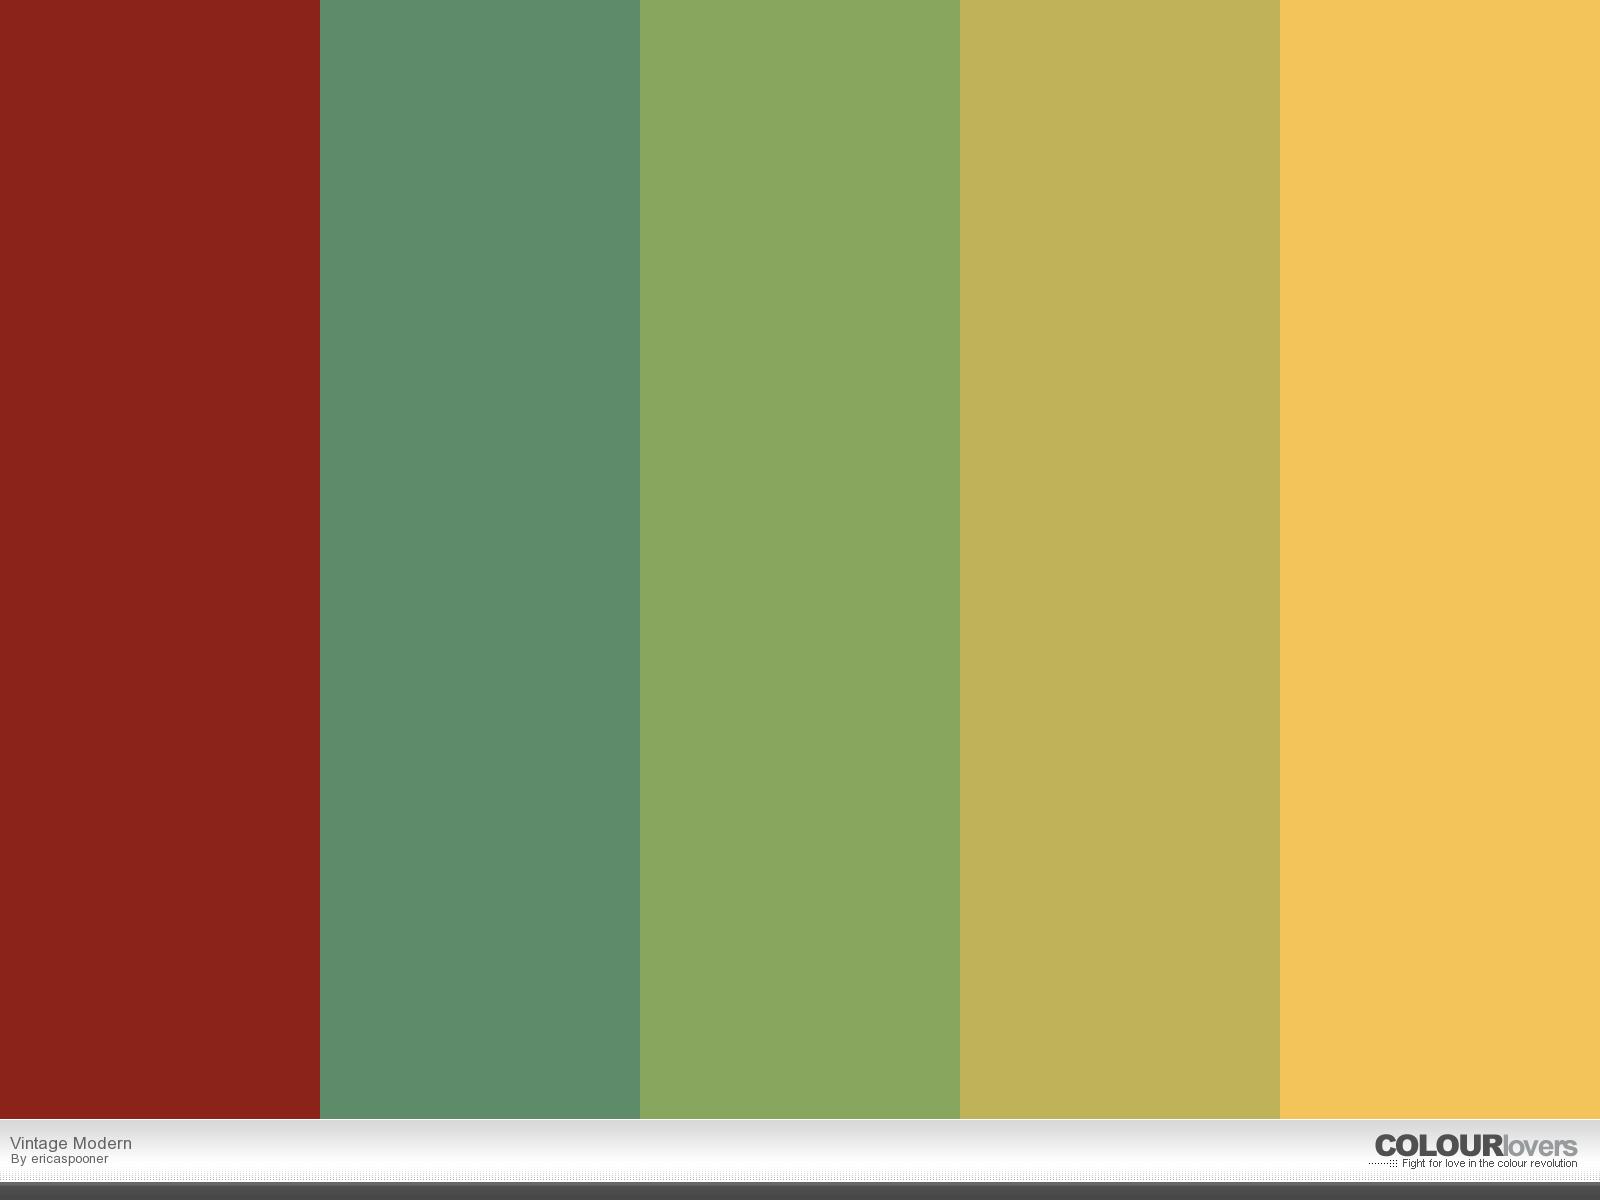 color palette vintage modern color palettes pinterest. Black Bedroom Furniture Sets. Home Design Ideas